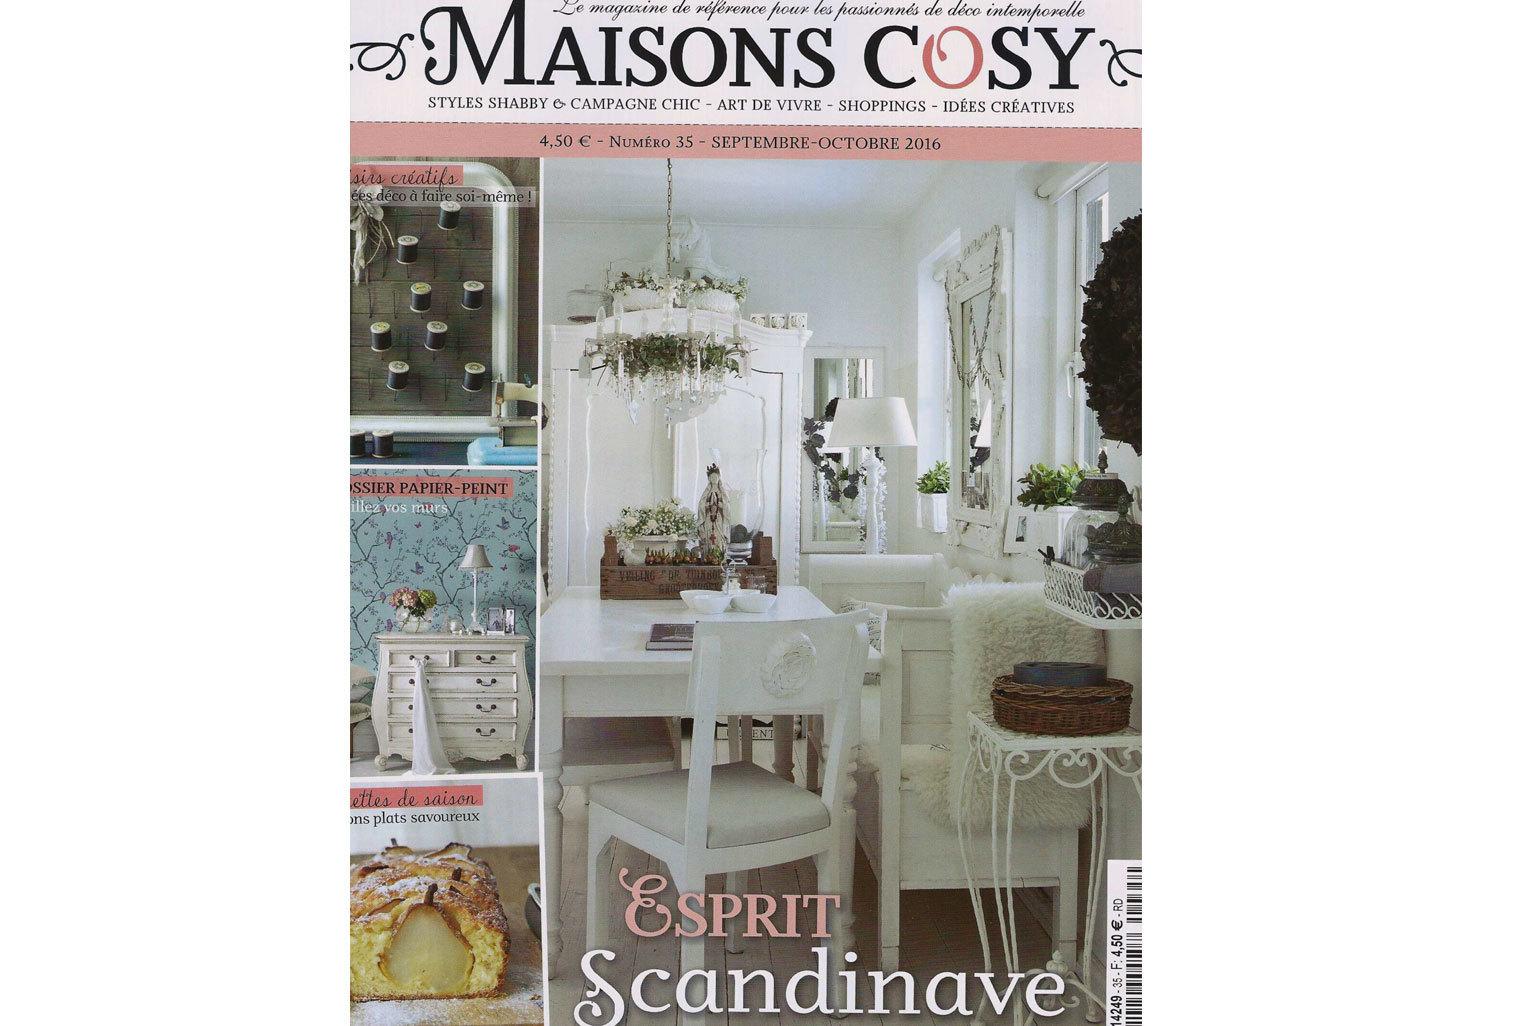 Maison cosy magazine little cabari for Magazine maison